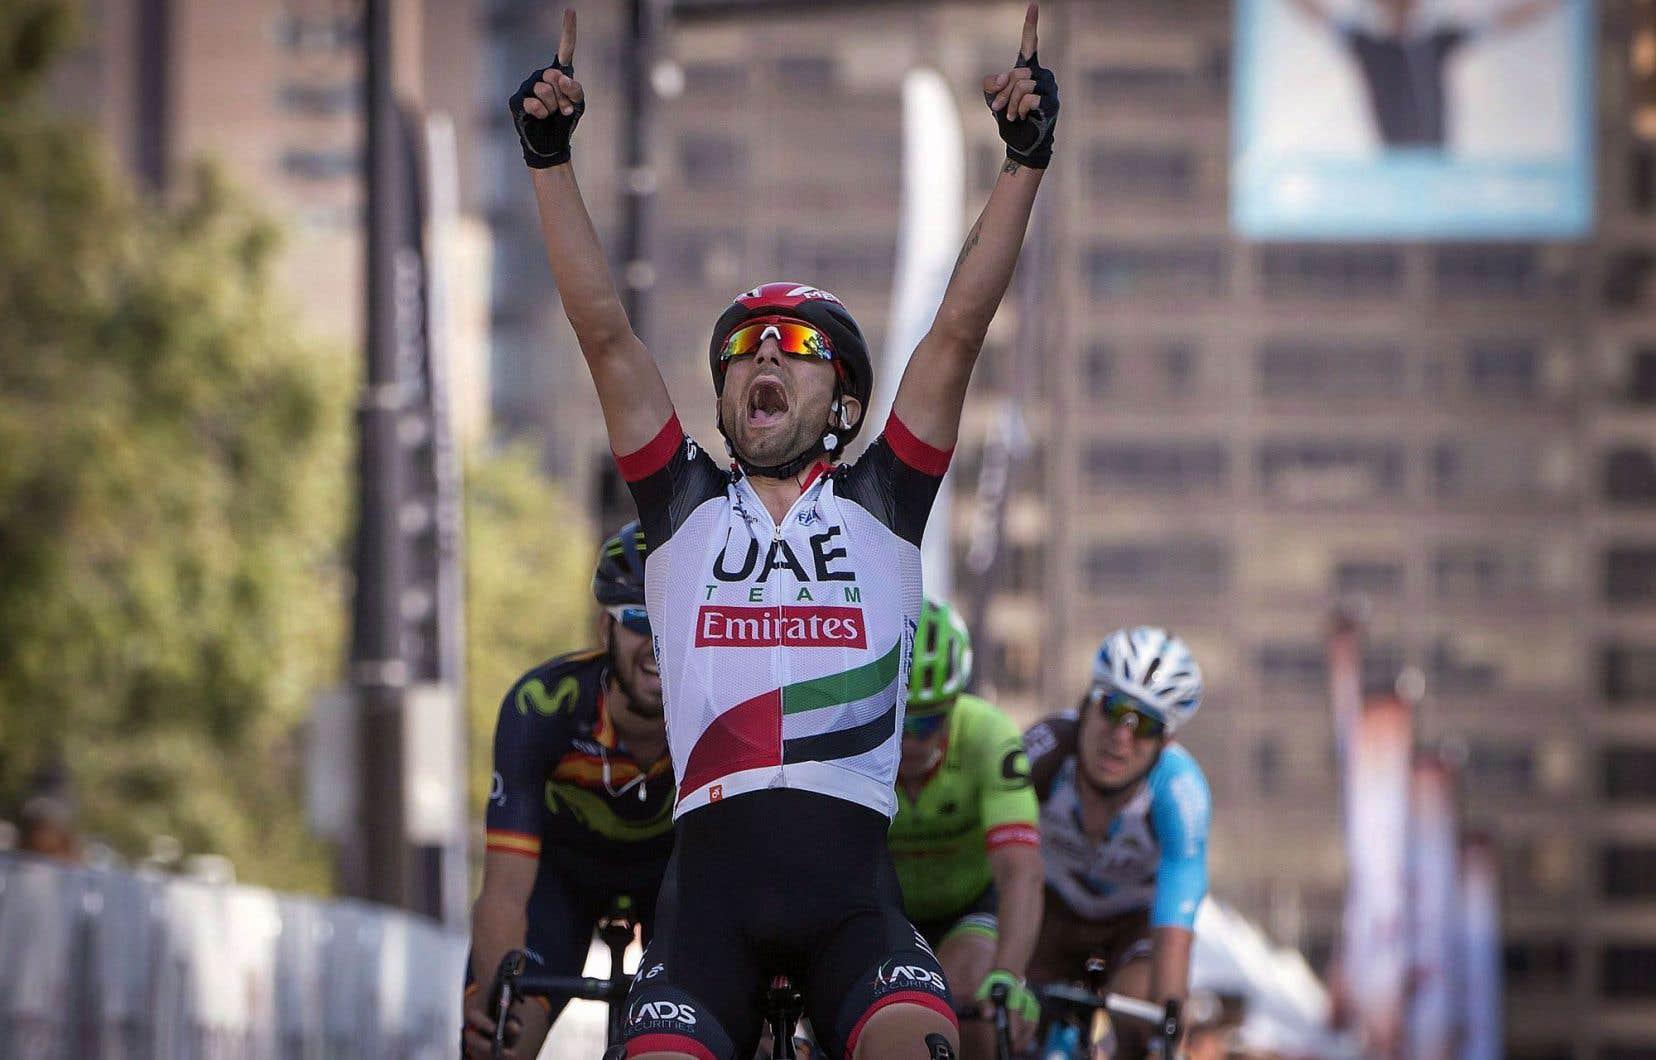 L'Italien Diego Ulissi a laissé éclaté sa joie à l'arrivée malgré une victoire sur le fil.